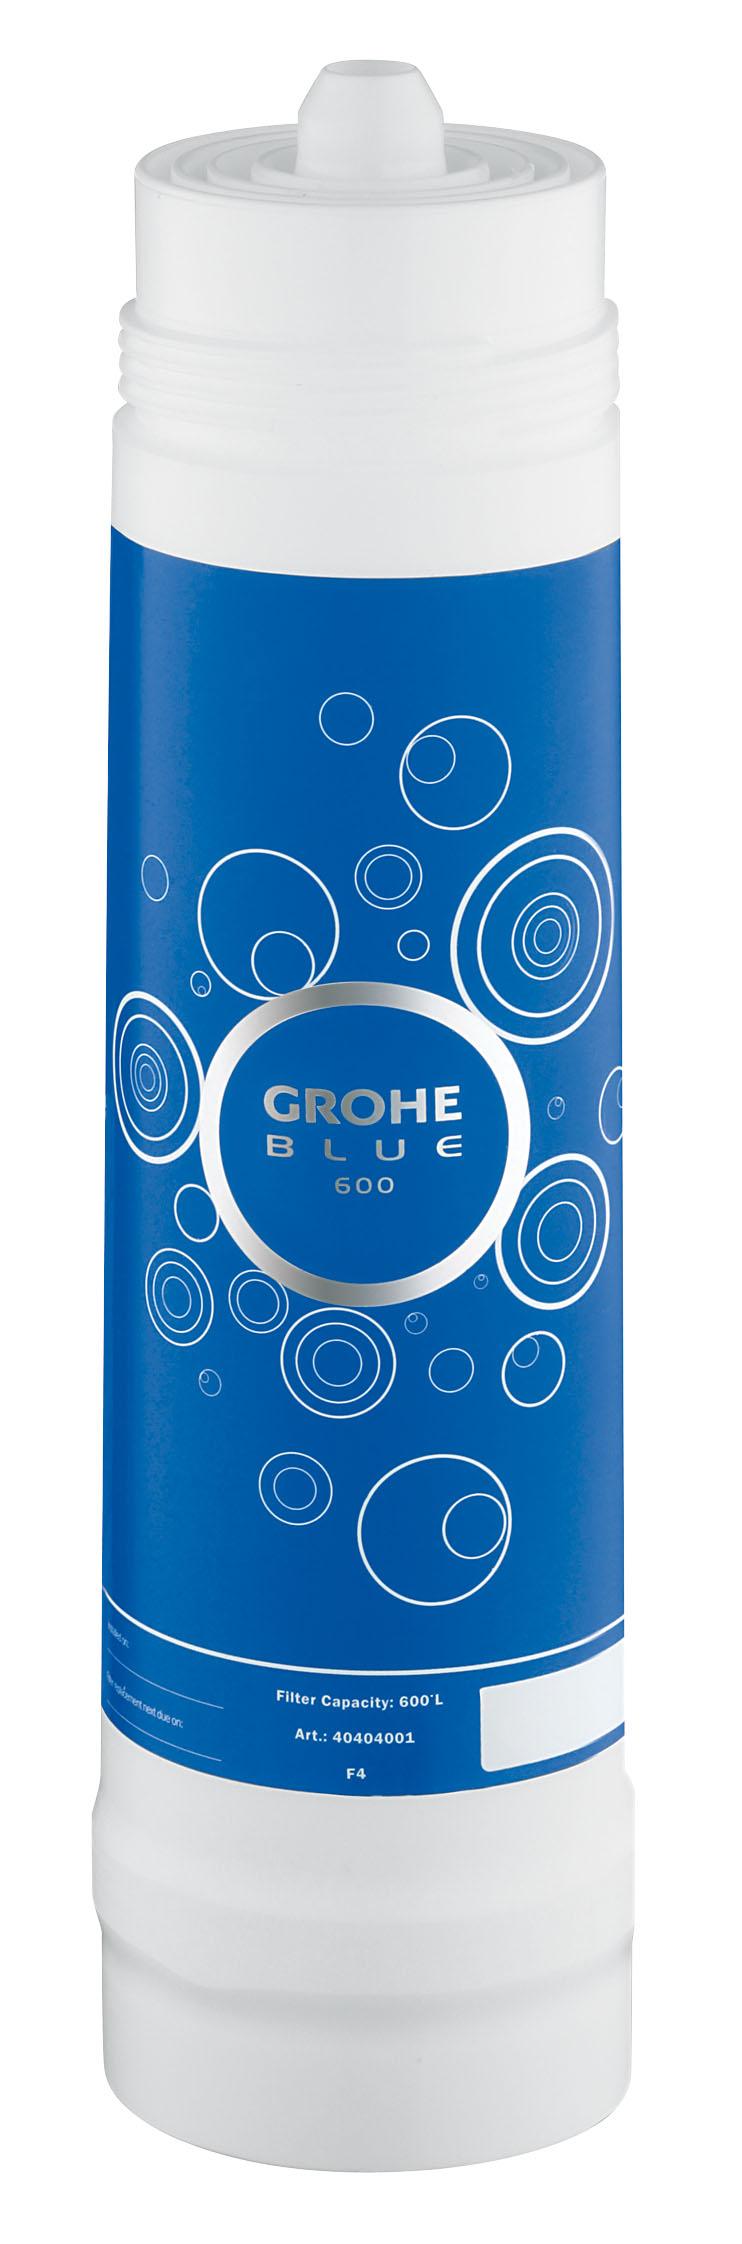 Фильтр сменный для водных систем Grohe Blue, 600 л40404001GROHE Blue. Cовершенный вкус питьевой воды. Вода – это не только самый ценный ресурс на планете, но и основа существования всего живого. Основой репутации компаний GROHE и BWT – европейских лидеров сферы водопользования – являются принципы безопасности, гигиеничности и высочайшие стандарты качества. Объединив свои наработки и опыт, мы создали принципиально новые системы подачи воды. Инновационные устройства серии GROHE Blue превращают водопроводную воду в чистейшую питьевую.Эту воду Вы будете с наслаждением использовать ежедневно. Фильтры GROHE Blue понижают содержание извести в водопроводной воде и превращают ее в приятную на вкус и пригодную для питья. Уникальная технология 5-ступенчатой фильтрации очищает воду от всех примесей, ухудшающих ее вкус и запах. В результате получается чистейшая вода – без тяжелых металлов, примесей, извести и хлора. Как работает фильтр GROHE Blue: 1) Предварительная фильтрация - предварительная грубая очистка от частиц, попадающих в воду при ее прохождении через систему водоснабжения, удерживает крупные частицы;2) Предварительная фильтрация на основе активированного угля - вторая ступень предварительной фильтрации, очищающая воду от источников неприятного запаха и вкуса (например, хлора);3) Ионообменный фильтр - прохождение воды через высокопроизводительный ионообменник, понижающий содержание извести и тяжелых металлов. Смягчает воду, снижая карбонатную жесткость, и связывает ионы тяжелых металлов, таких как свинец и медь;4) Фильтр из активированного угля - фильтрация на основе активированного угля устраняет неприятный вкус, придаваемый воде хлором и органическими примесями;5) Фильтр тонкой очистки - удерживает частицы величиной до 10 микрон.Комплект поставкии: BWT фильтр для GROHEBlueОбъем 600 л Видео по установке является исключительно информационным. Установка должна проводиться профессионалами!